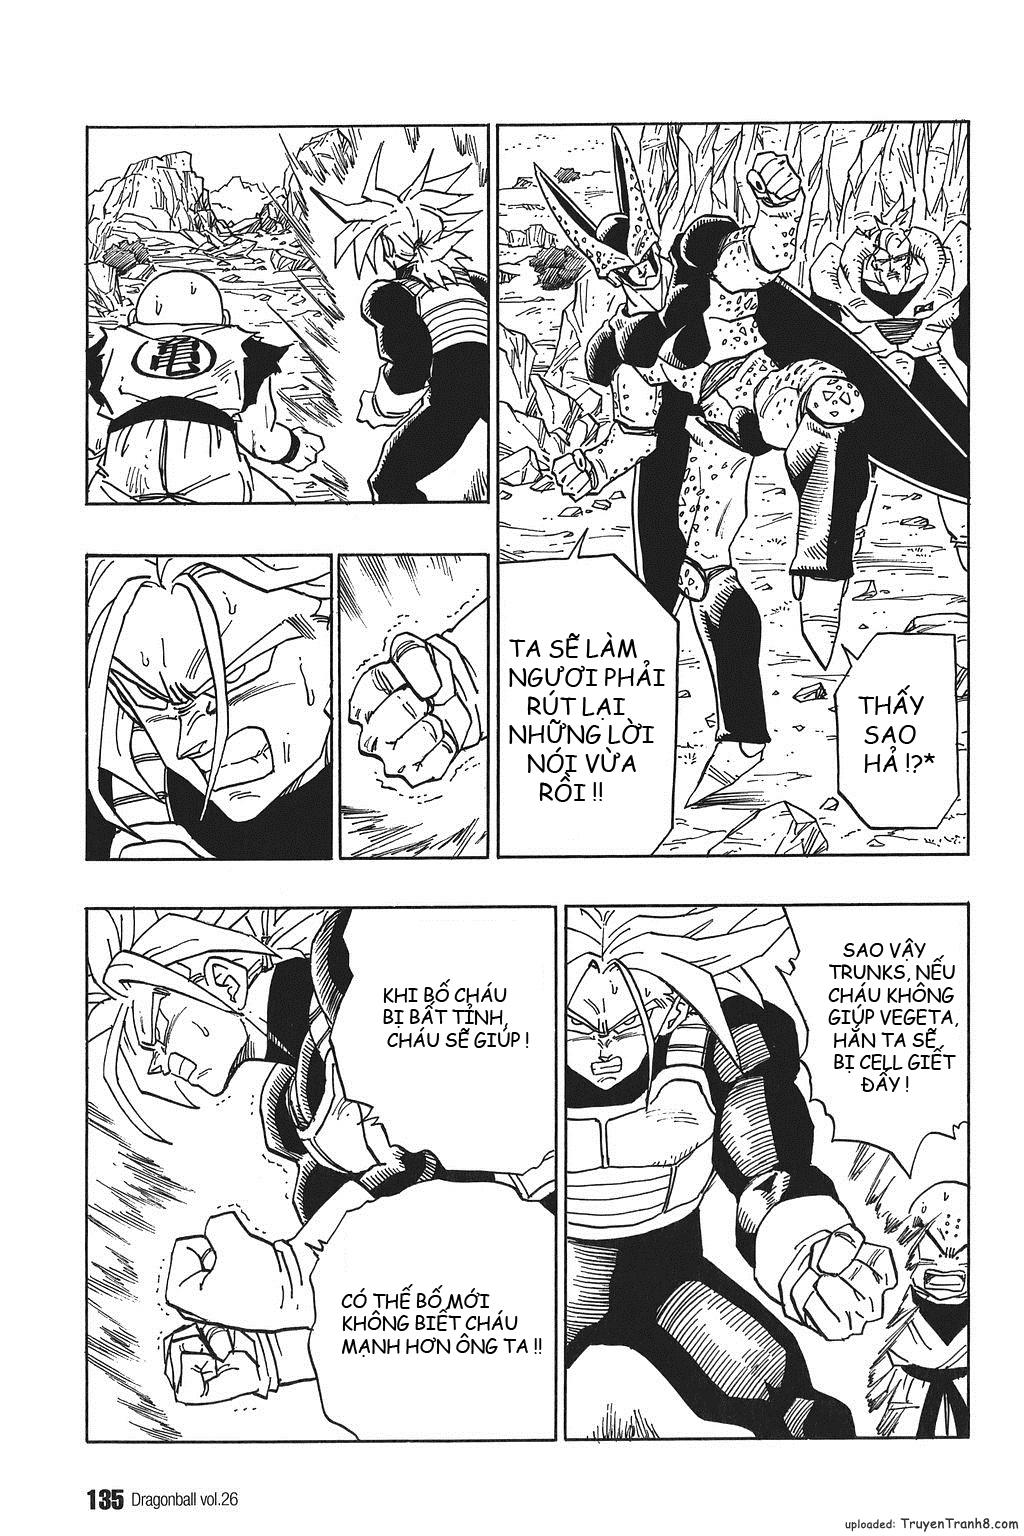 xem truyen moi - Dragon Ball Bản Vip - Bản Đẹp Nguyên Gốc Chap 384